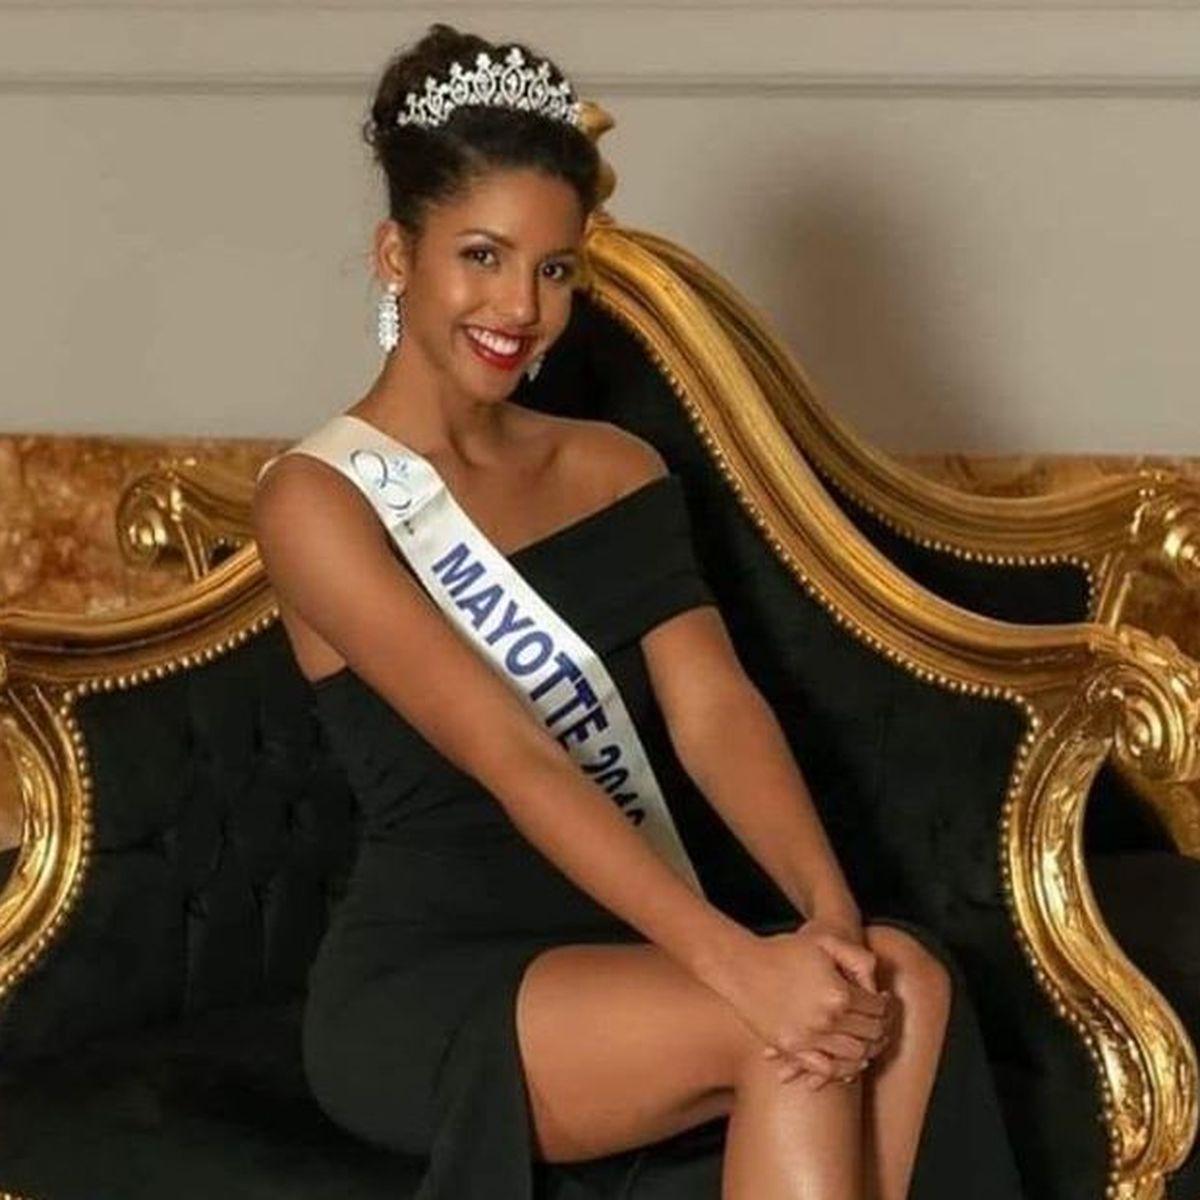 Eva avec les honneurs ! C'est tout Mayotte aujourd'hui qui avait les yeux rivés sur Marseille avec l'espoir de voir une victoire de Miss mayotte 2019.